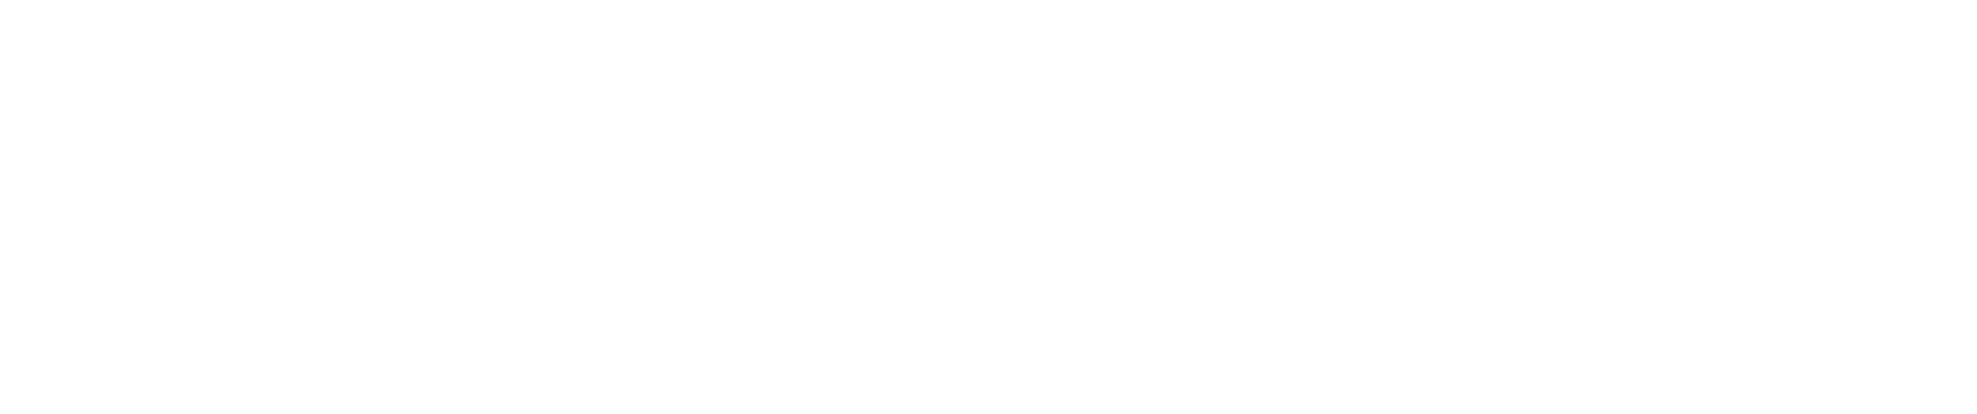 livestockimpacts.info